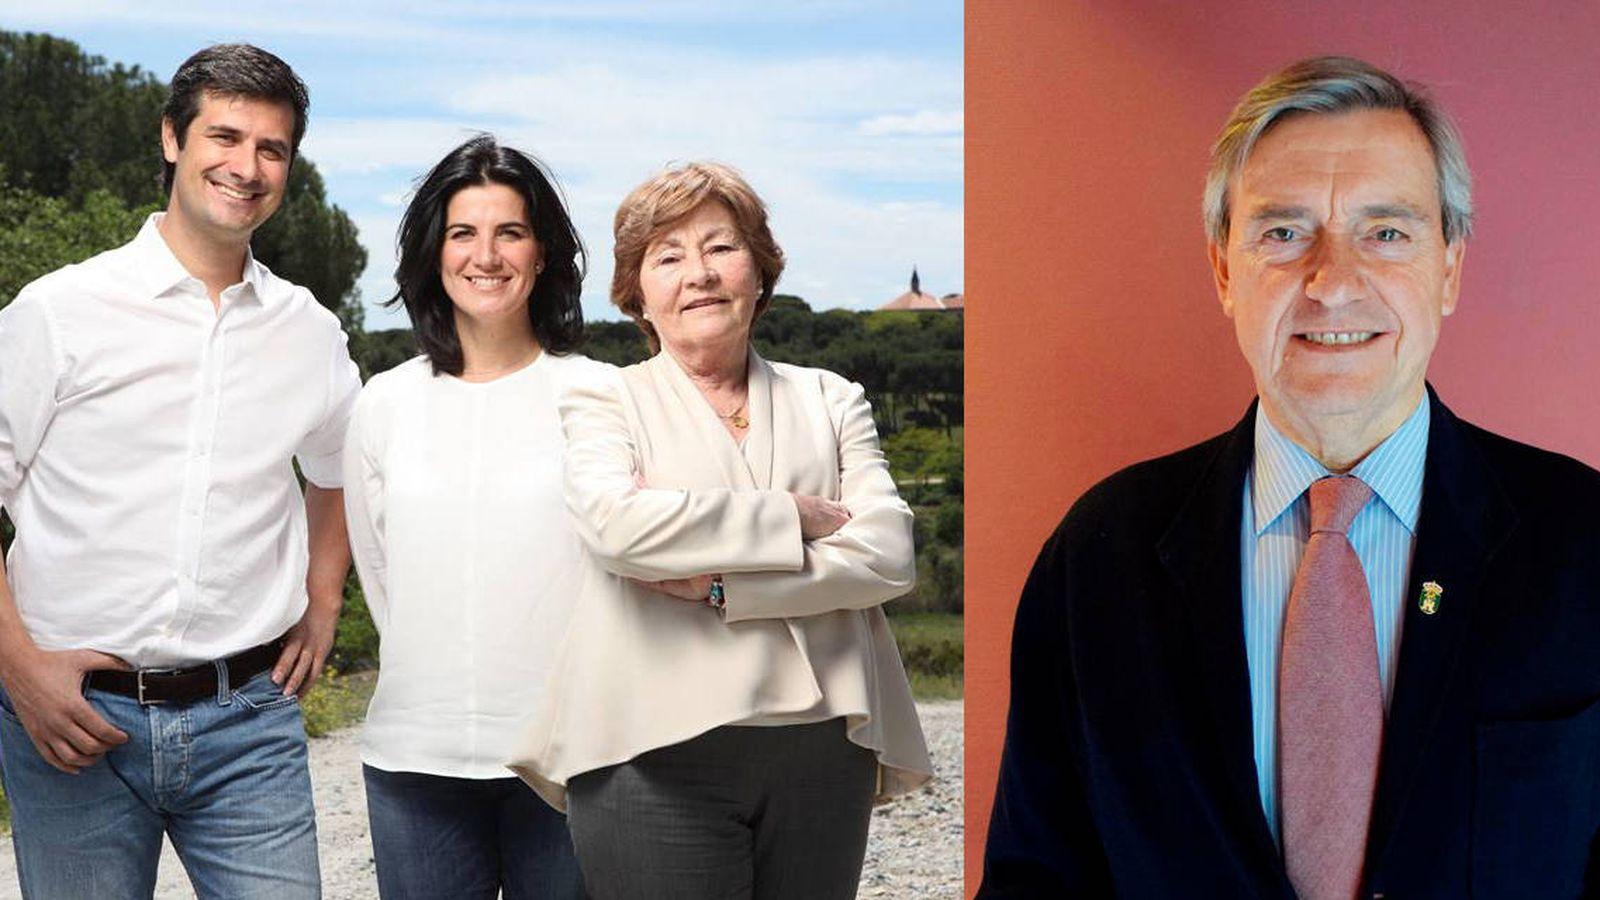 Foto: A la izquierda, los tres ediles de Vox. A la derecha el alcalde José Jover, del PP